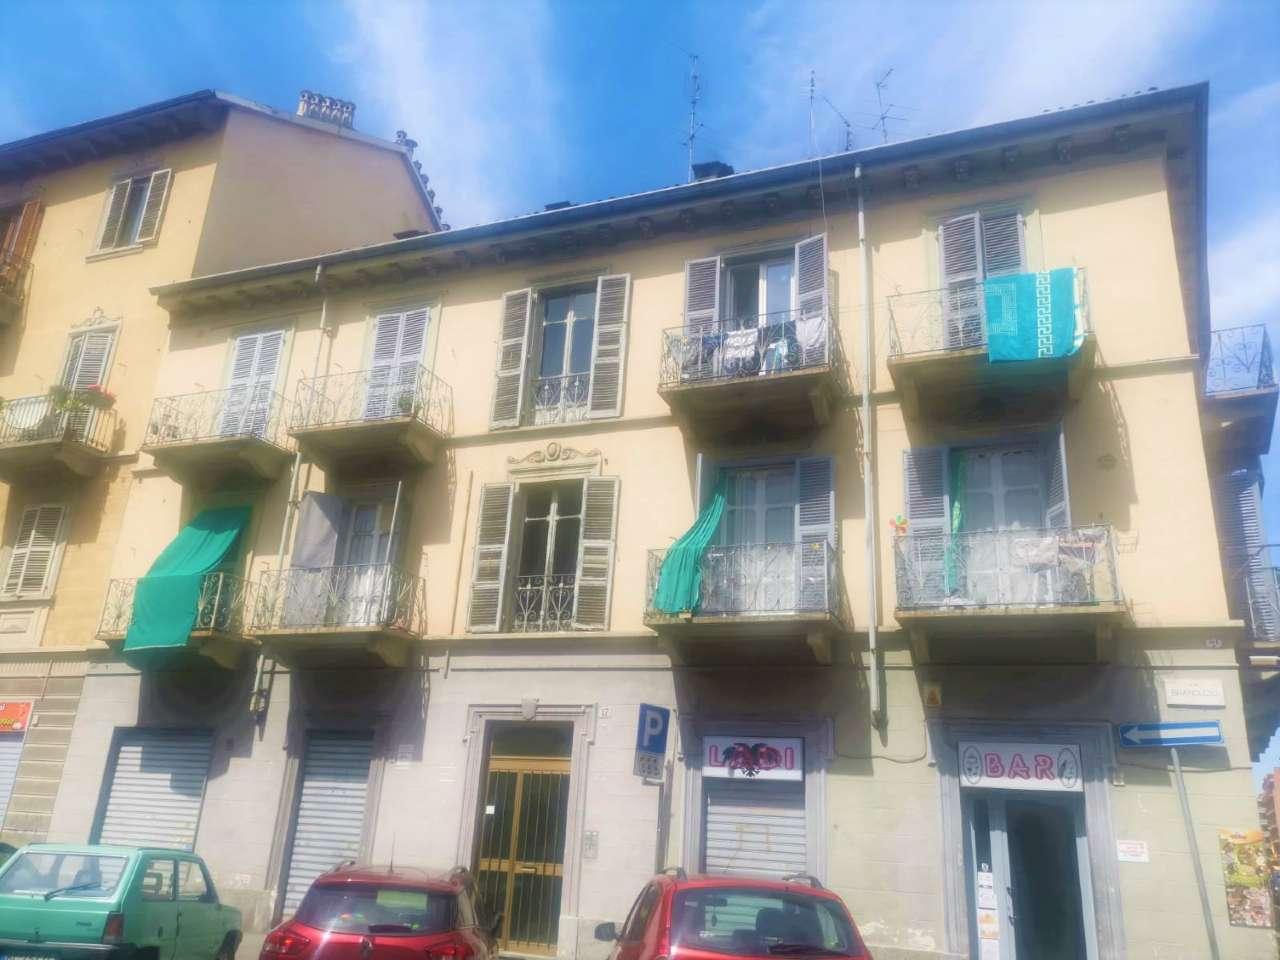 Negozio in vendita Zona Barriera Milano, Falchera, Barca-Be... - via Via Brandizzo 17 Torino